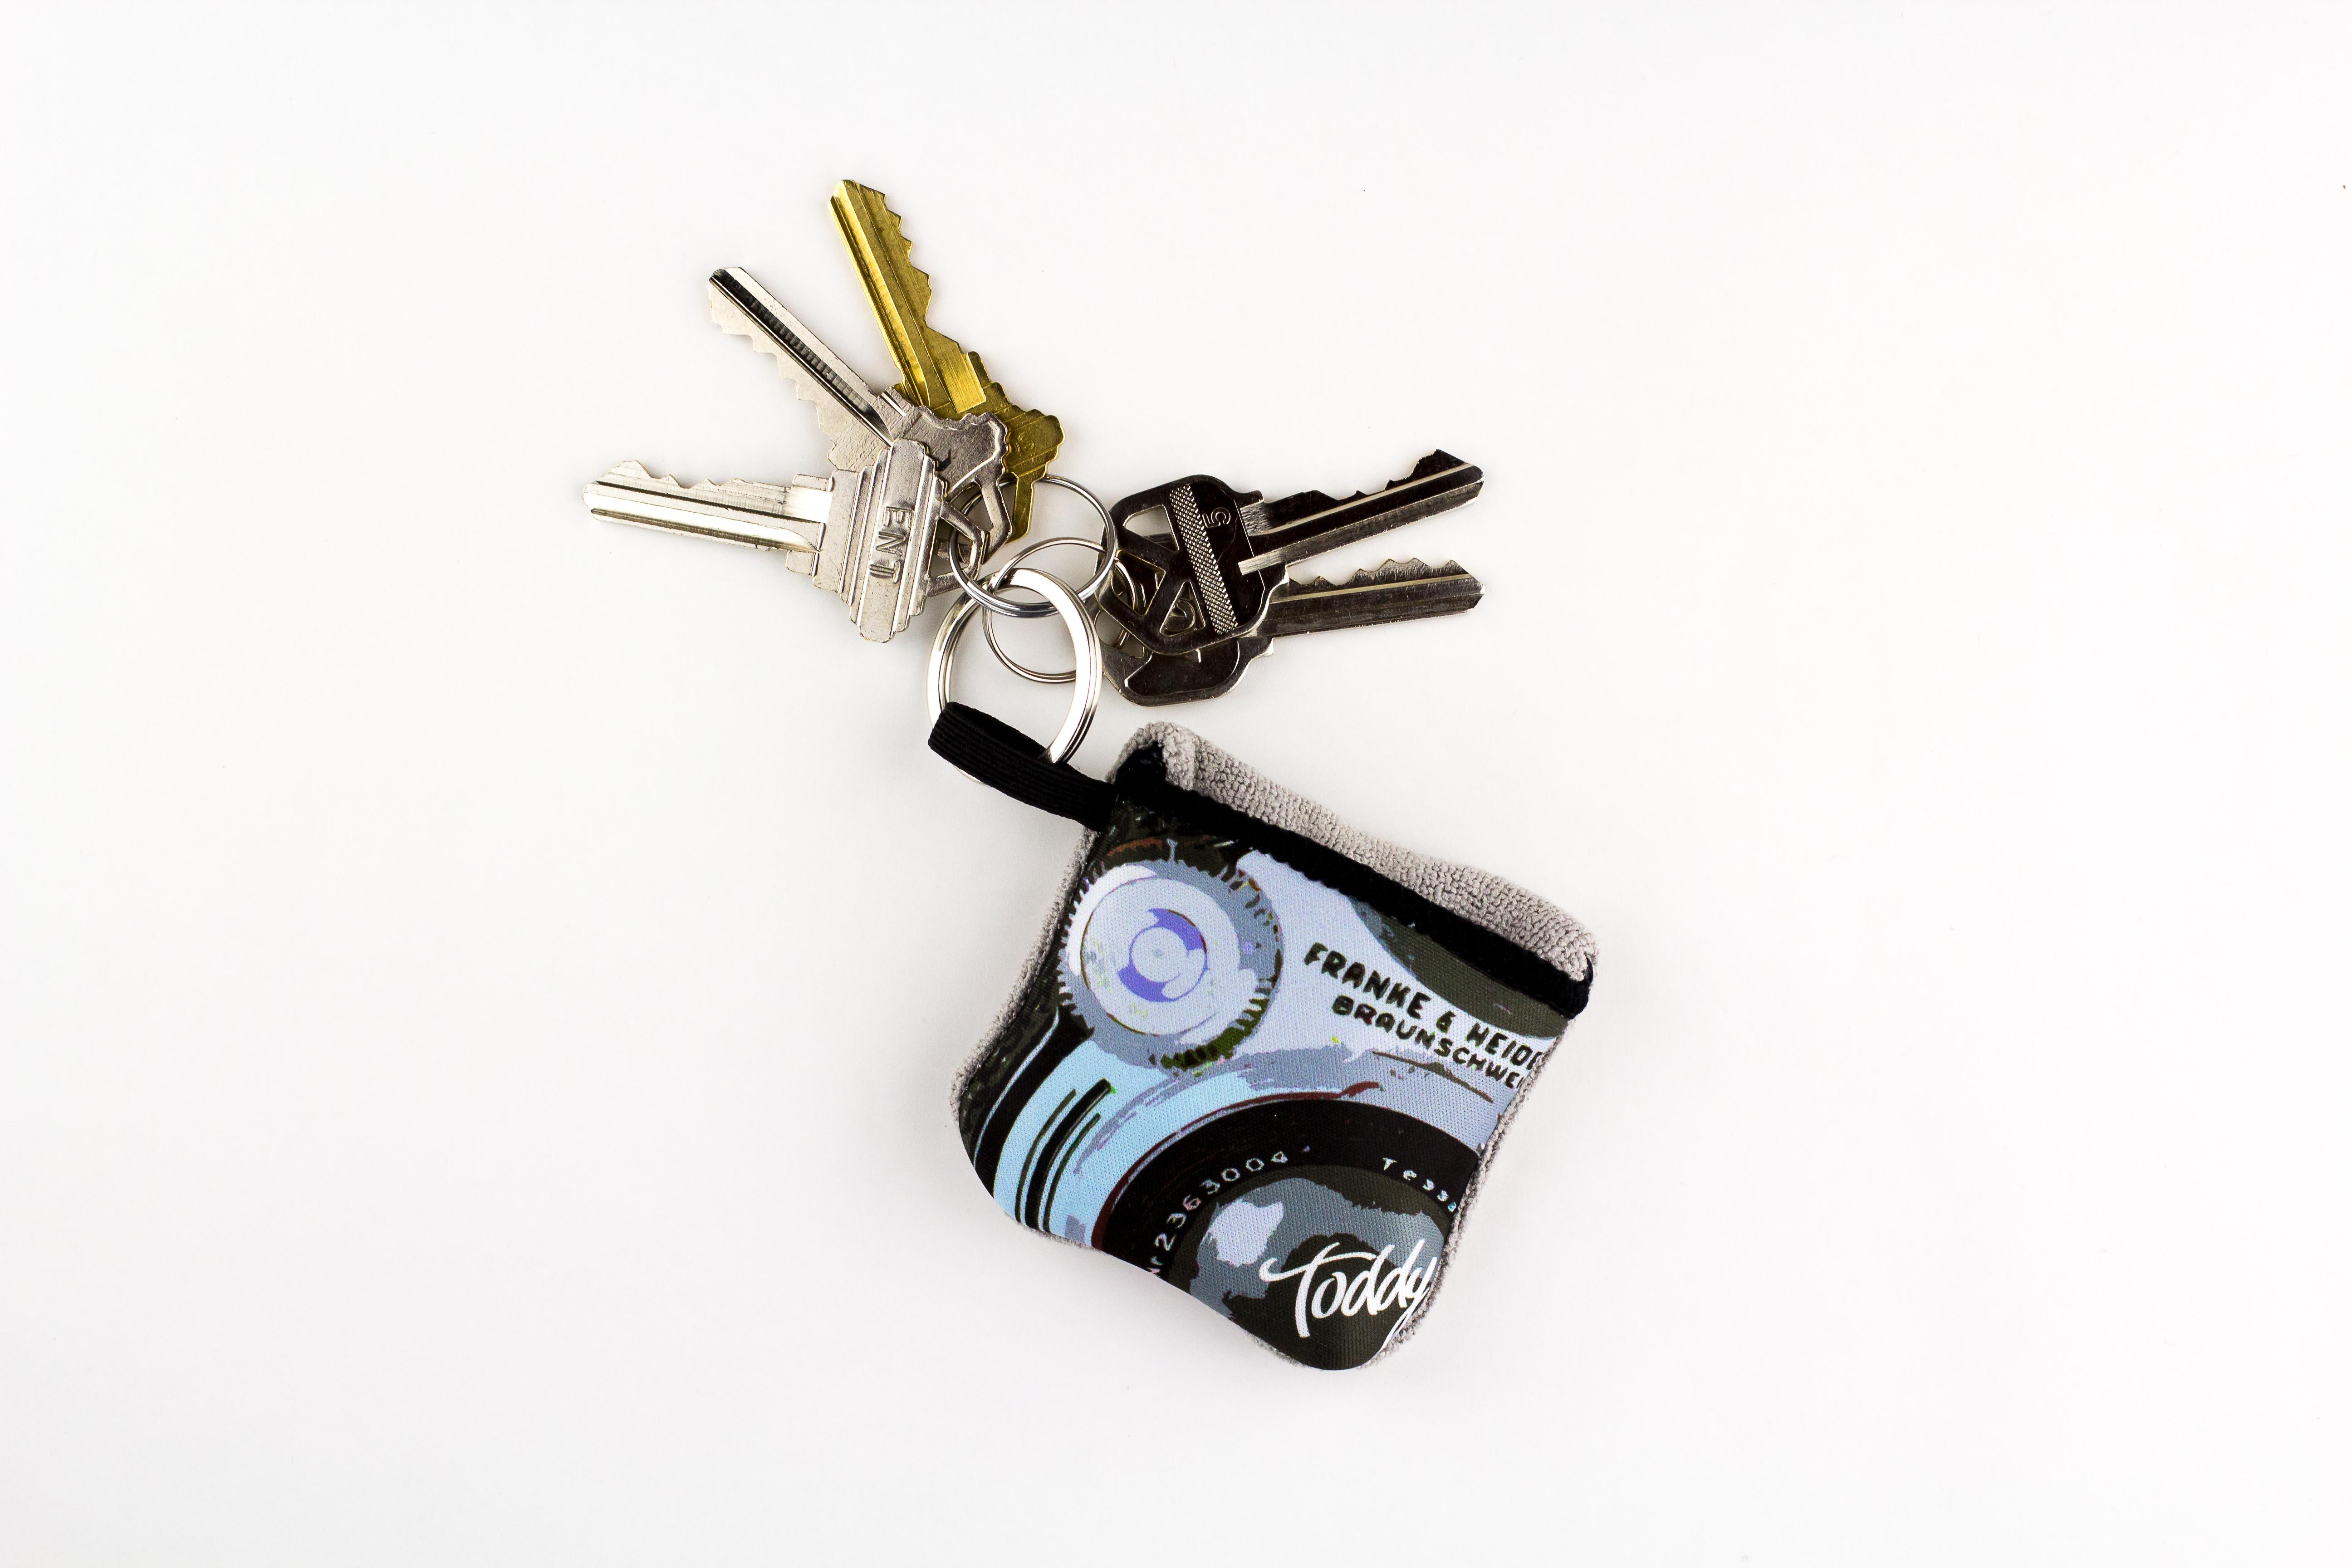 ToddyGear-Pocket-ProductShots-10